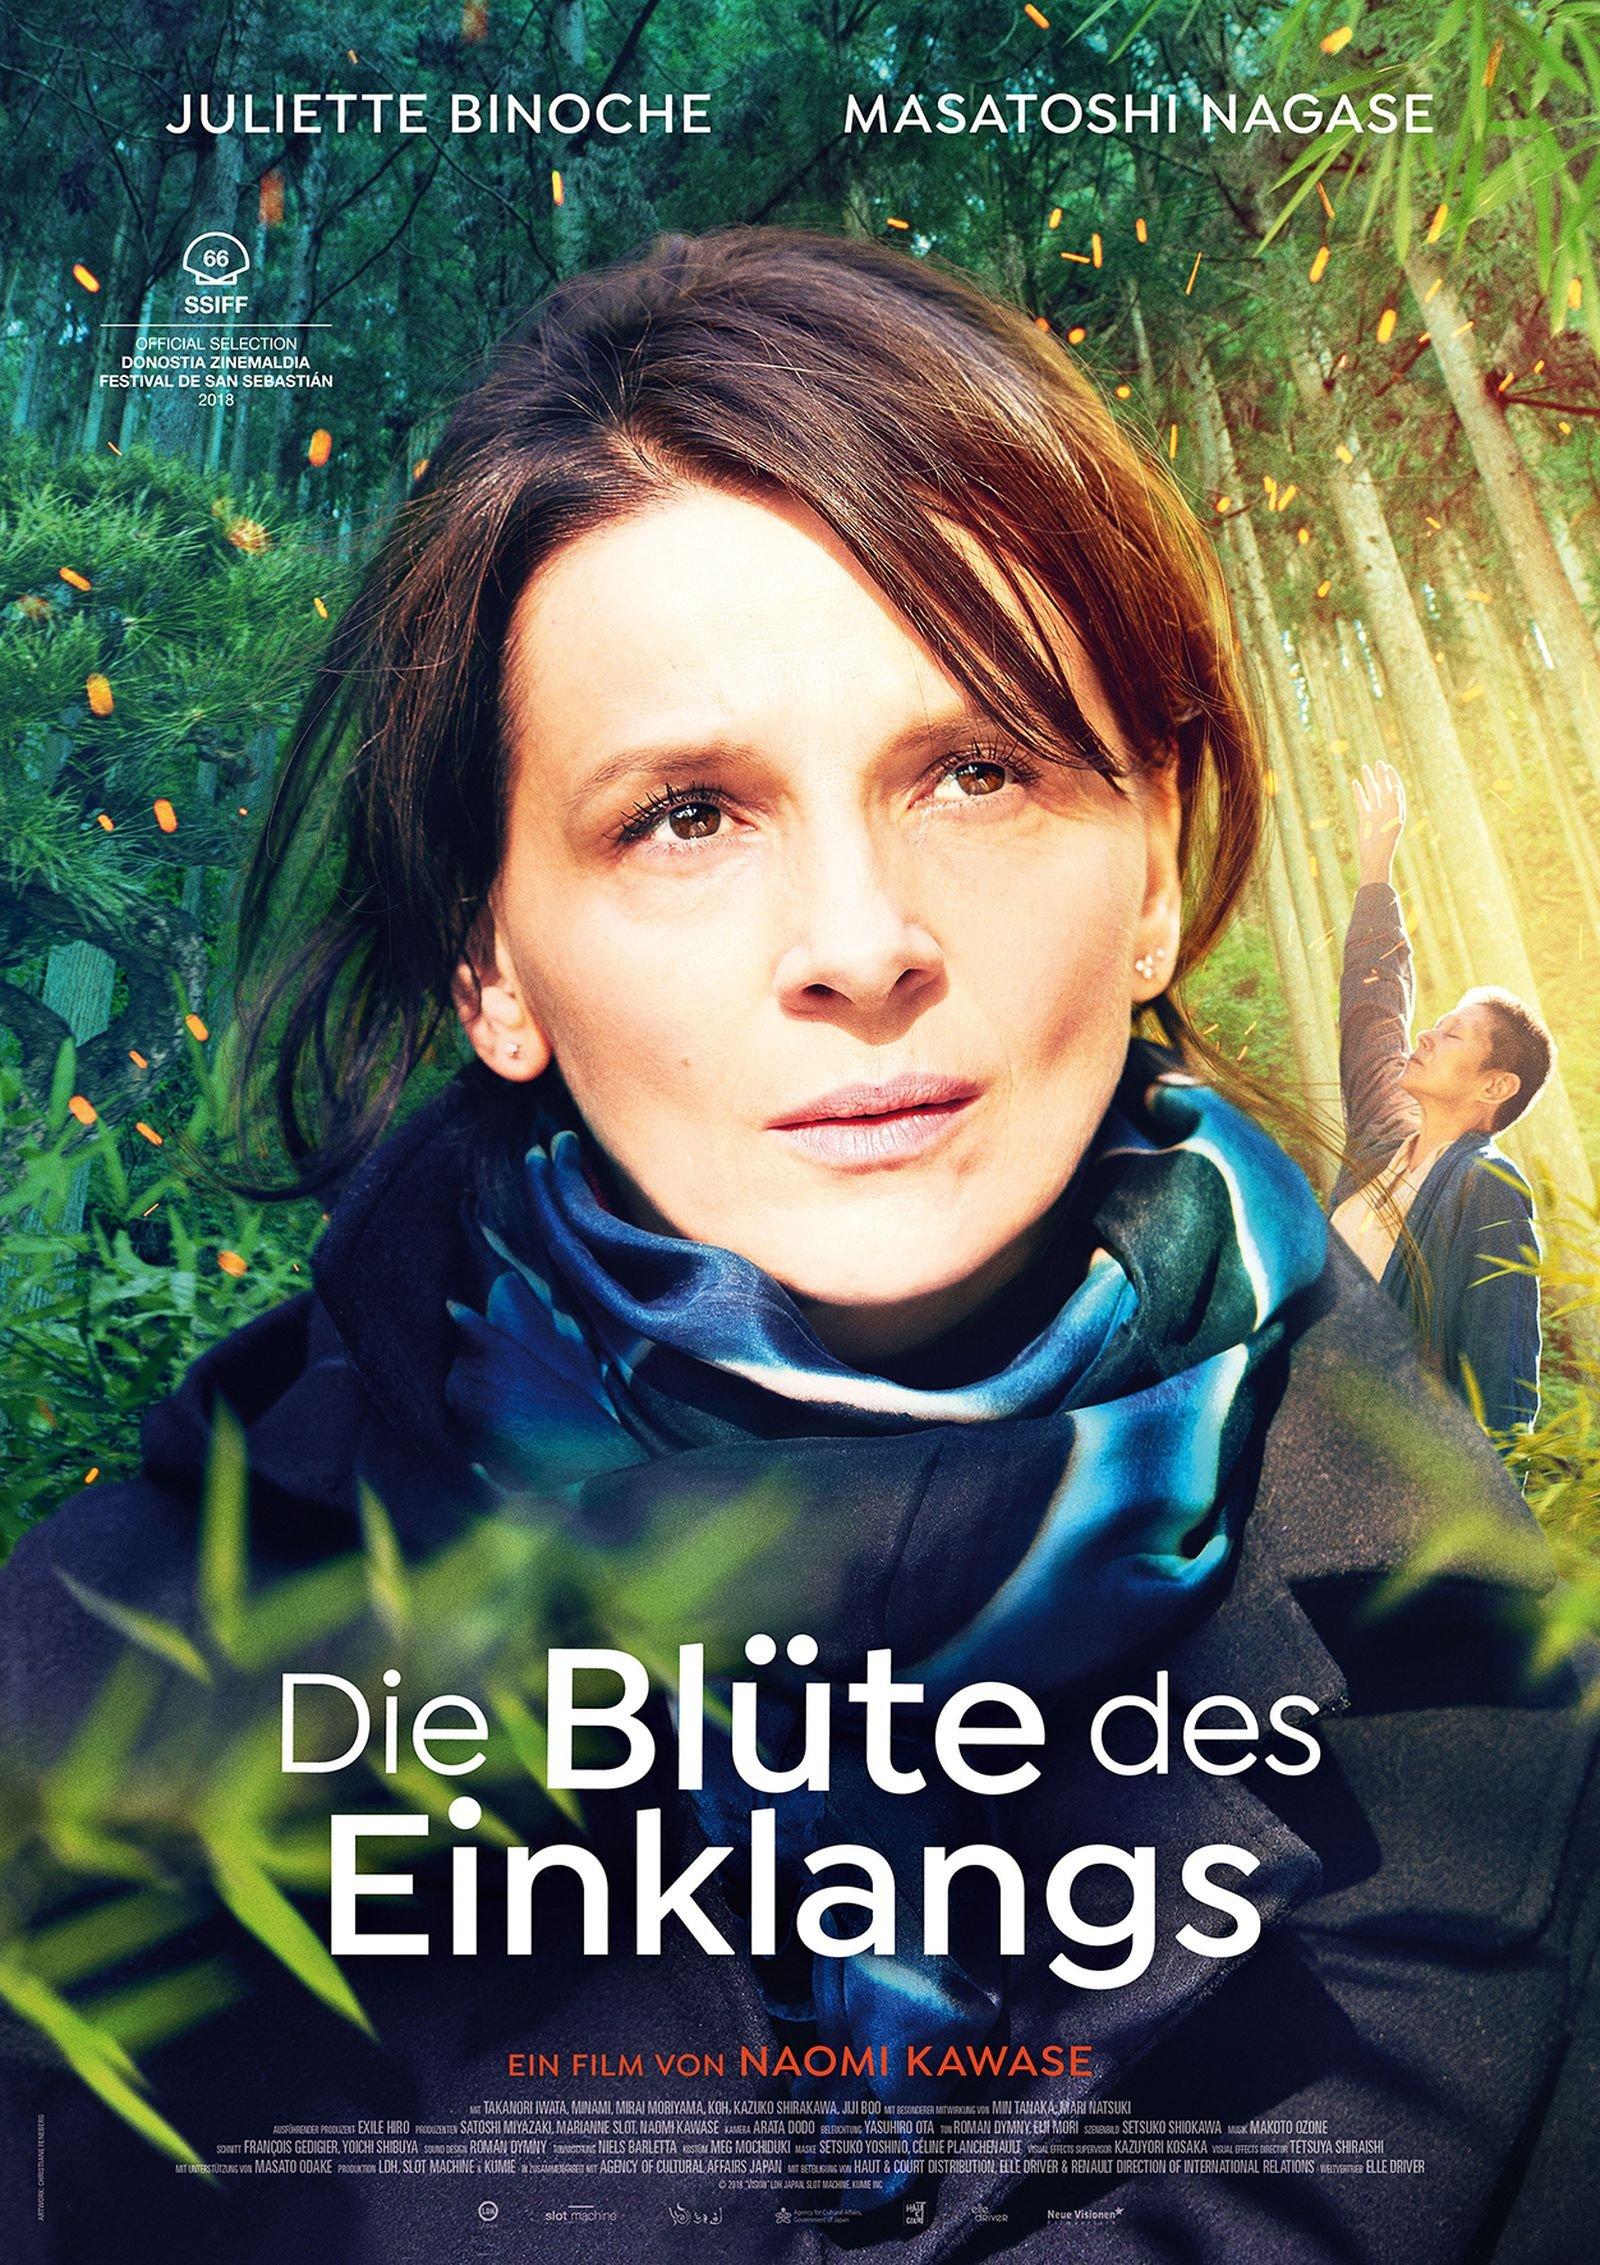 Die Blüte des Einklangs - © Neue Visionen Filmverleih